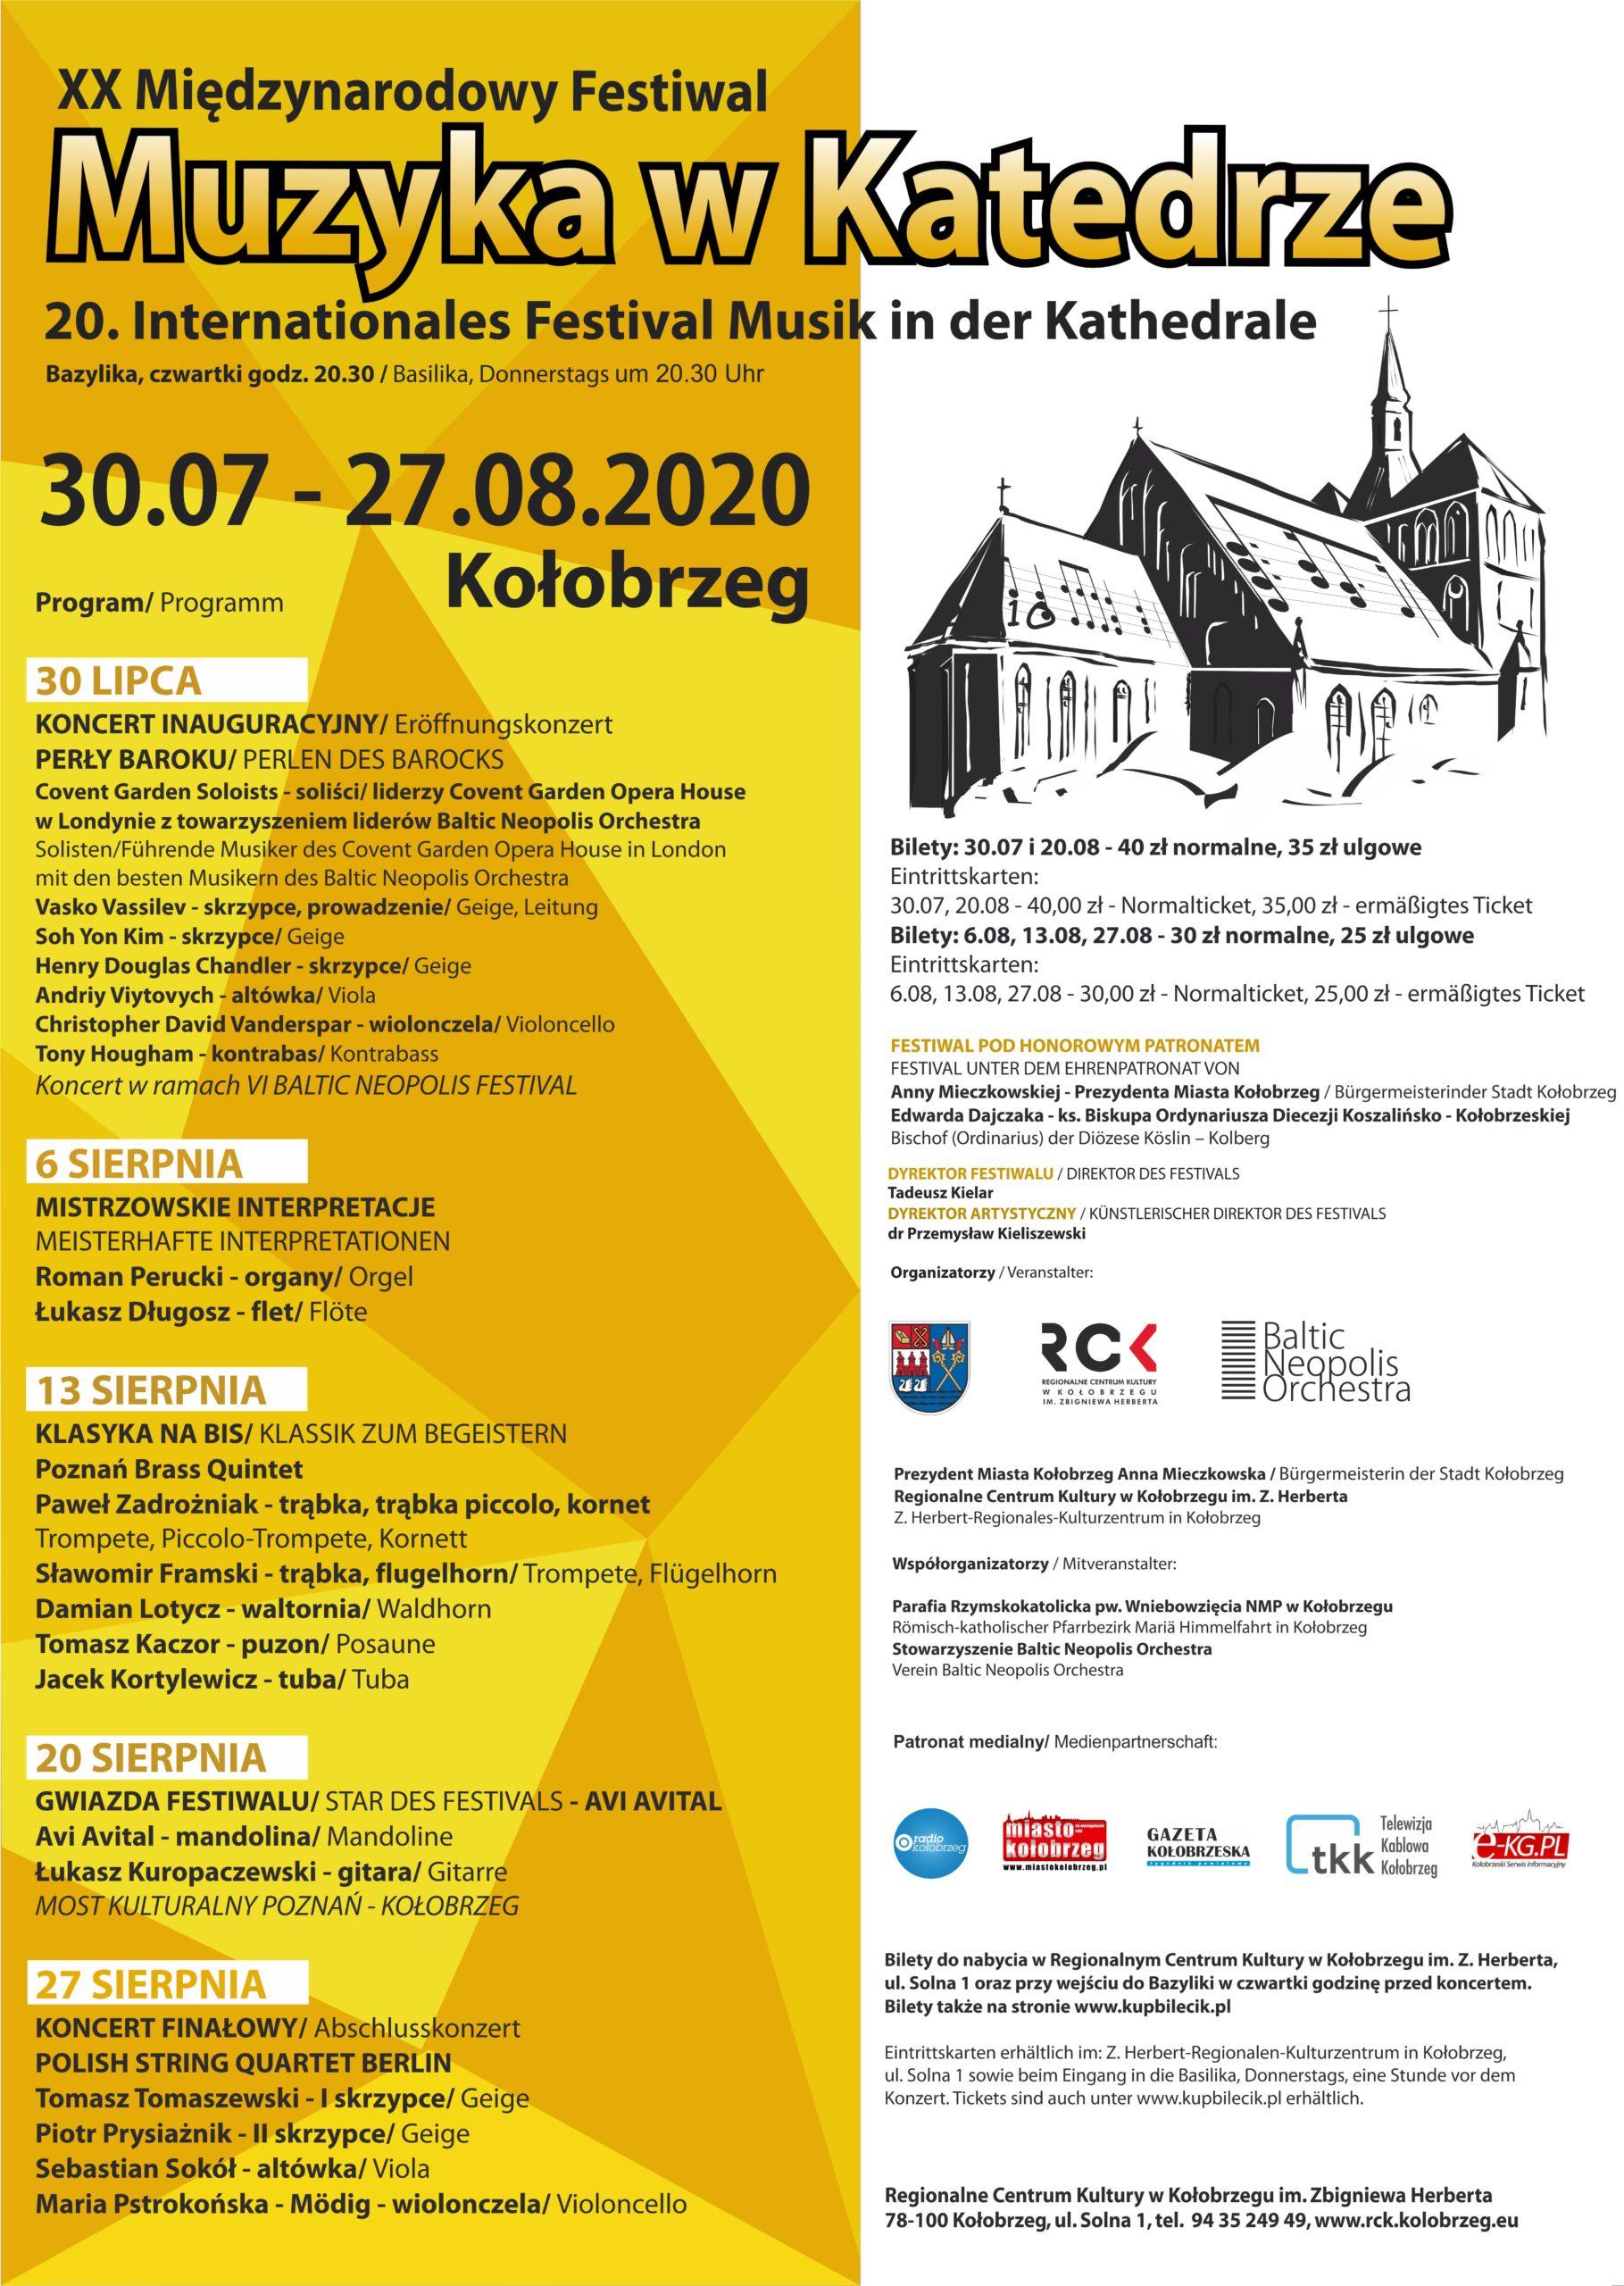 """XX Międzynarodowy Festiwal """"Muzyka w Katedrze"""""""